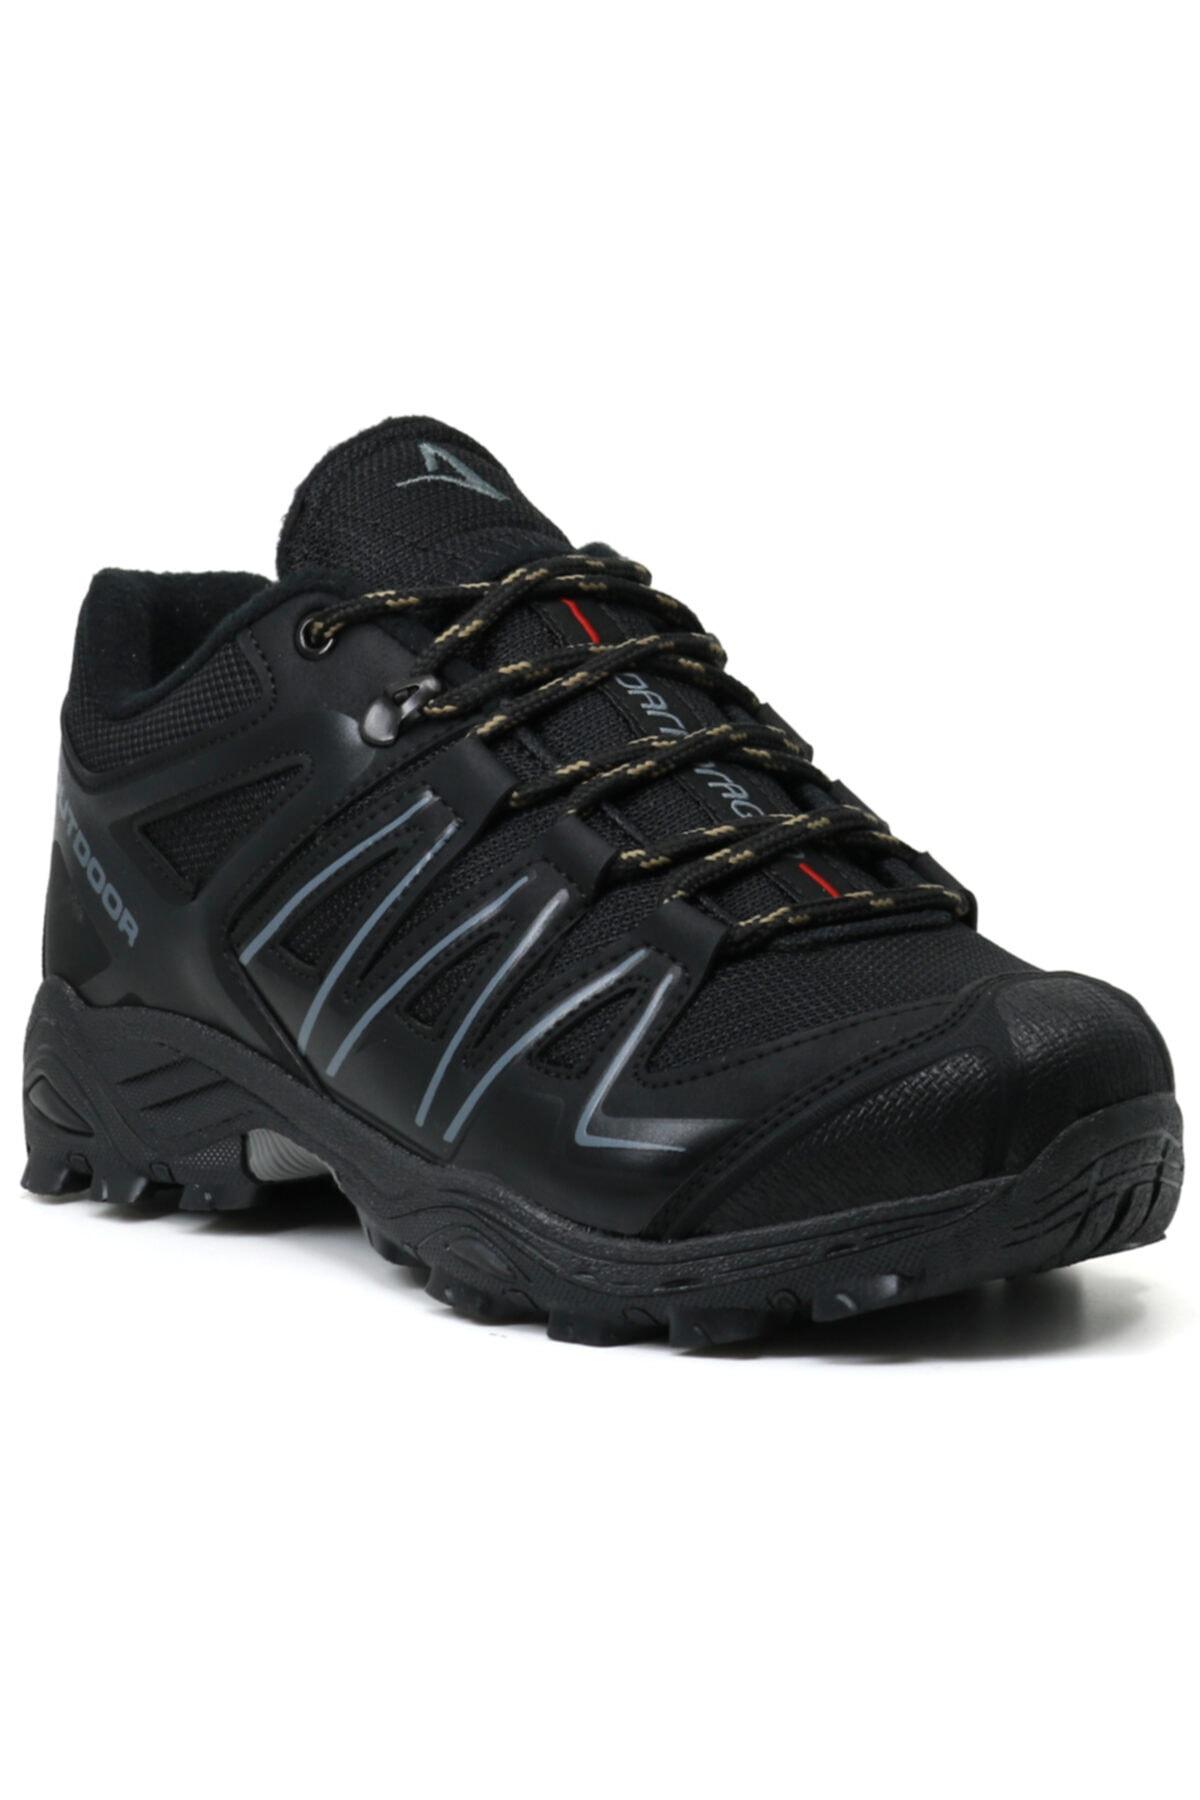 Ayakkabix 1510 Su Soğuka Dayanıklı Kışlık Erkek Ayakkabı 1